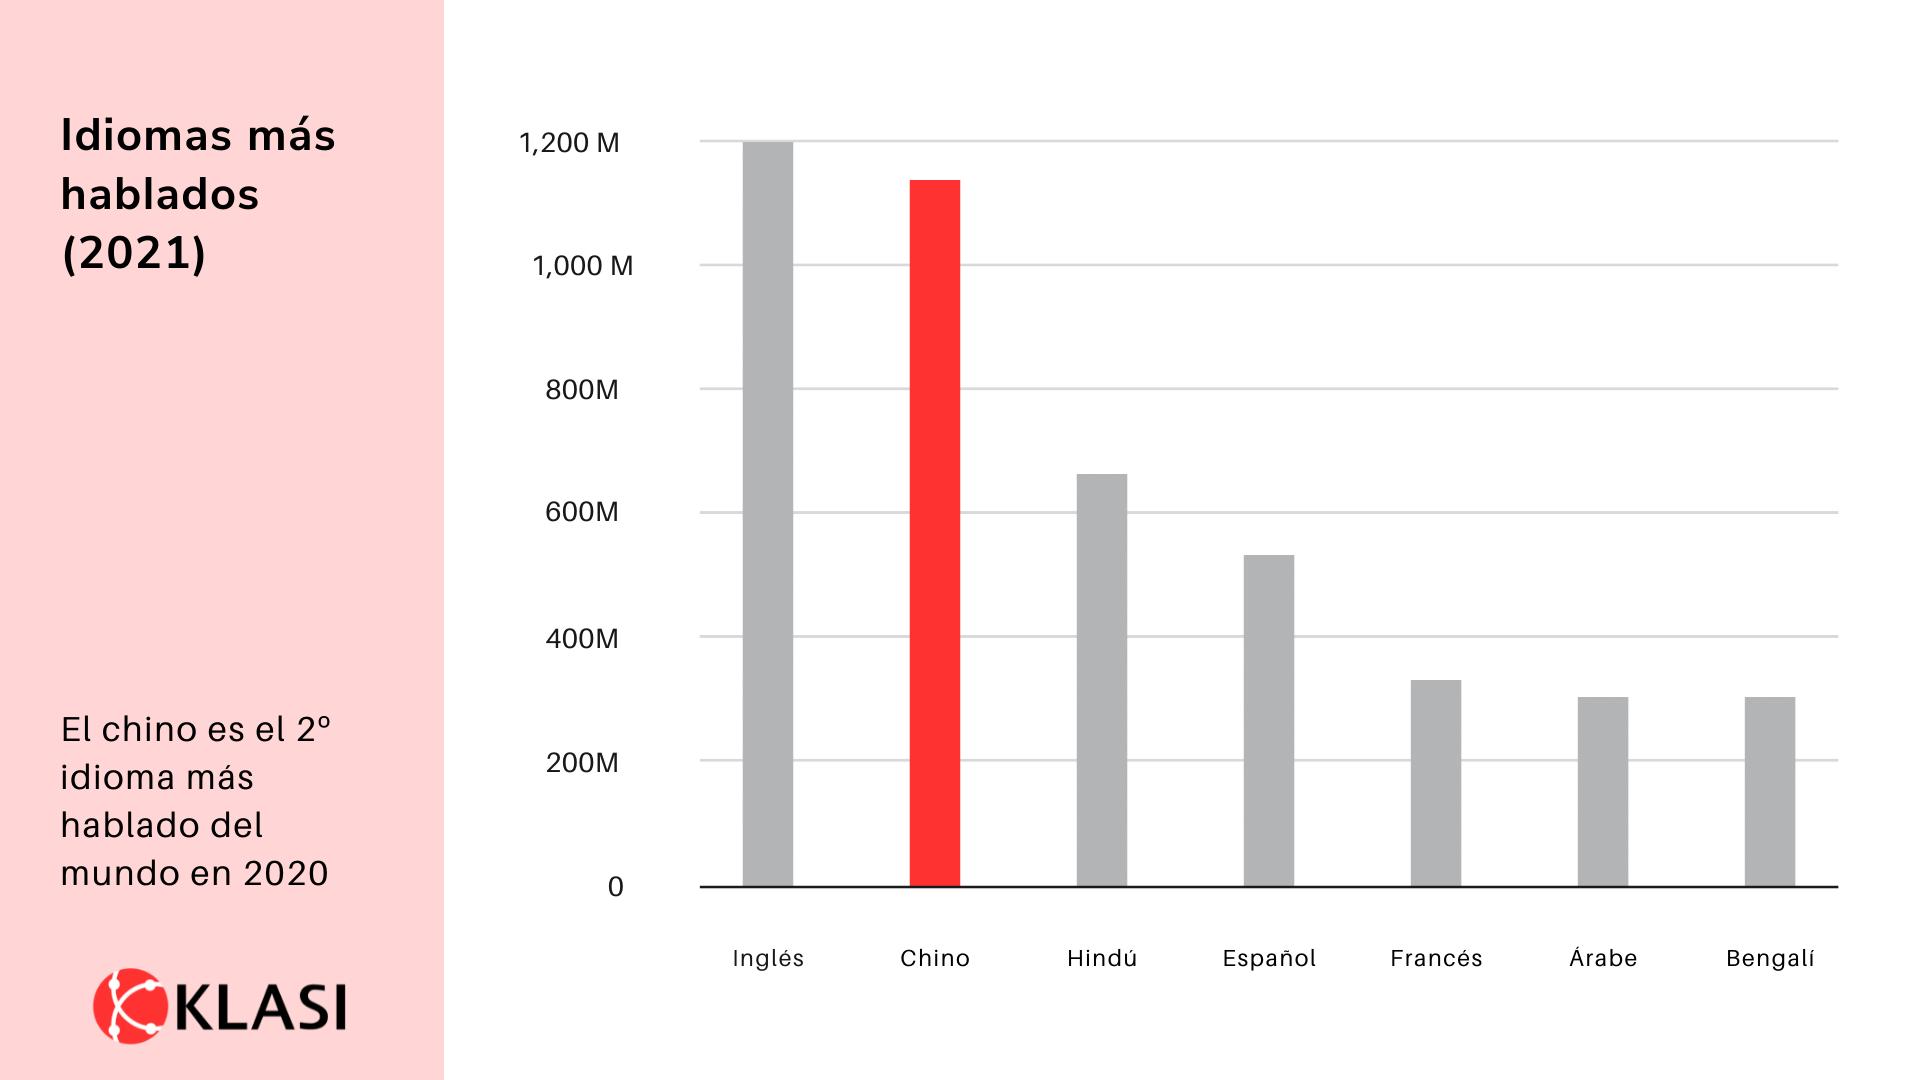 Tabla de los idiomas más hablados del mundo 2021